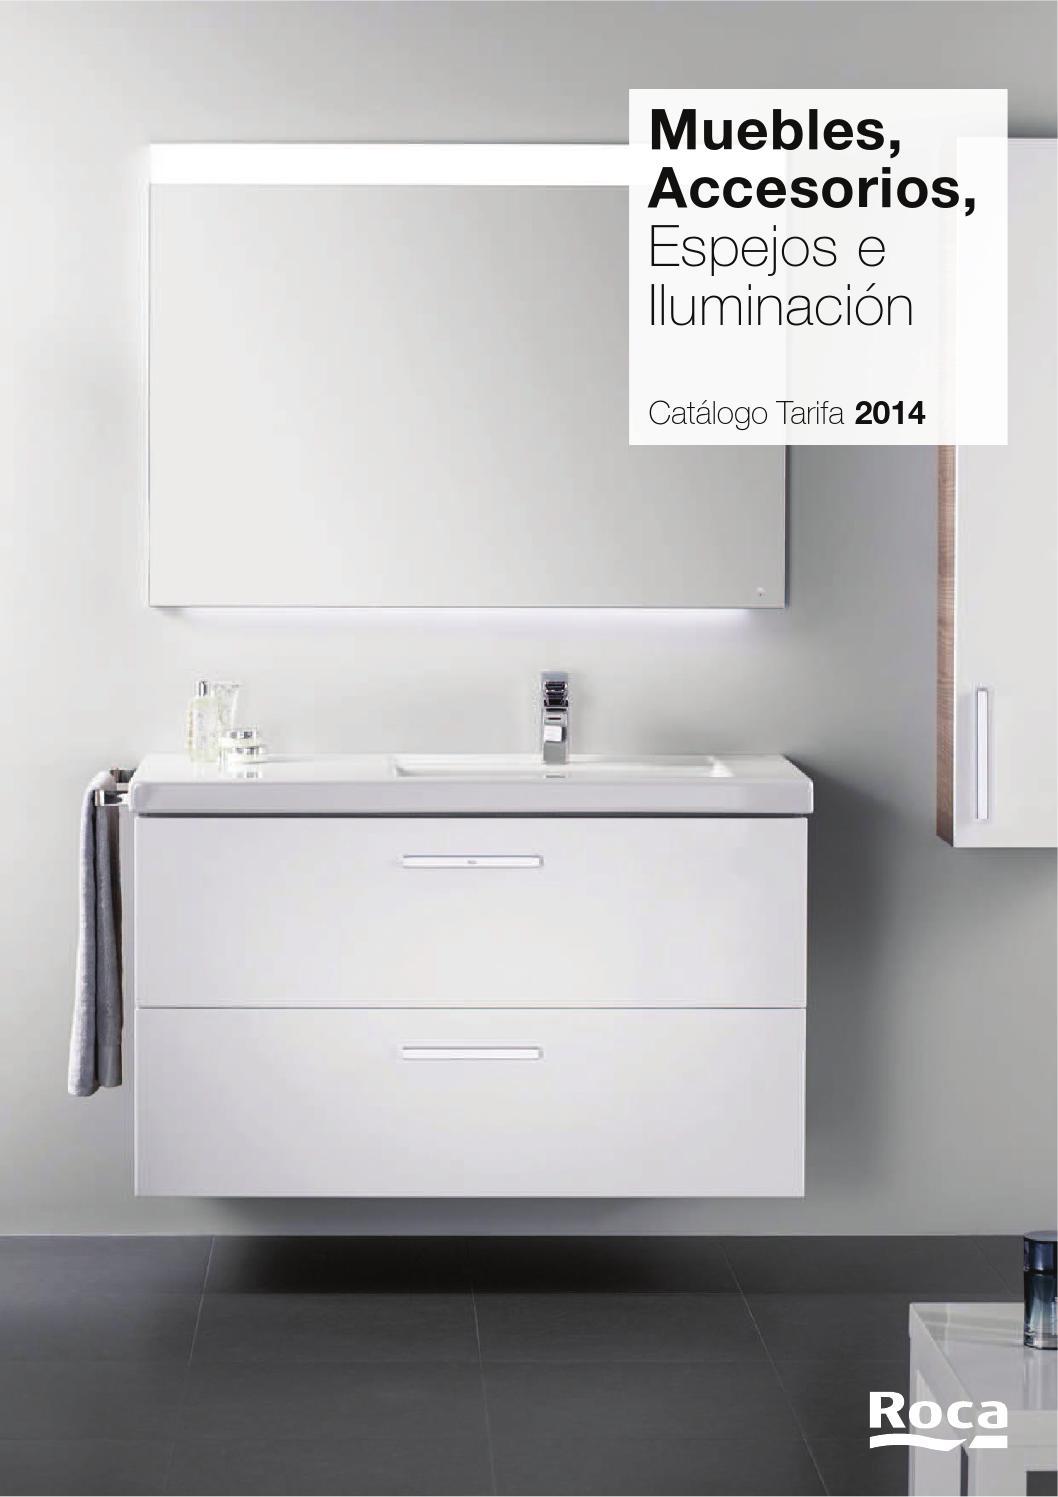 Cat logo muebles roca 2014 by servidaya issuu for Catalogo roca calefaccion